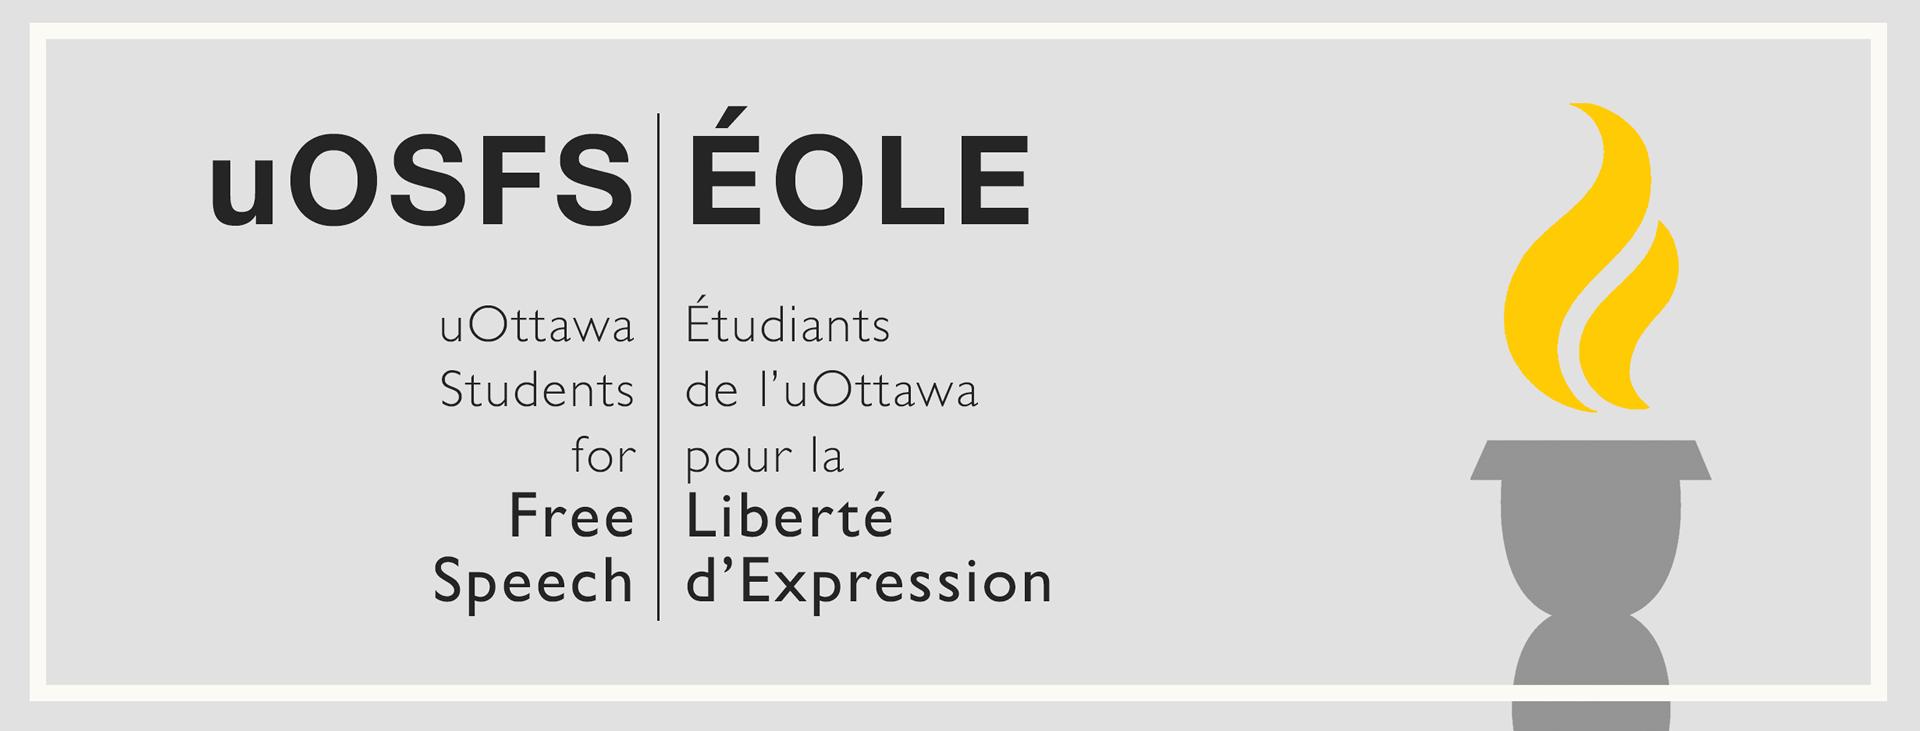 uOSFS | EOLE